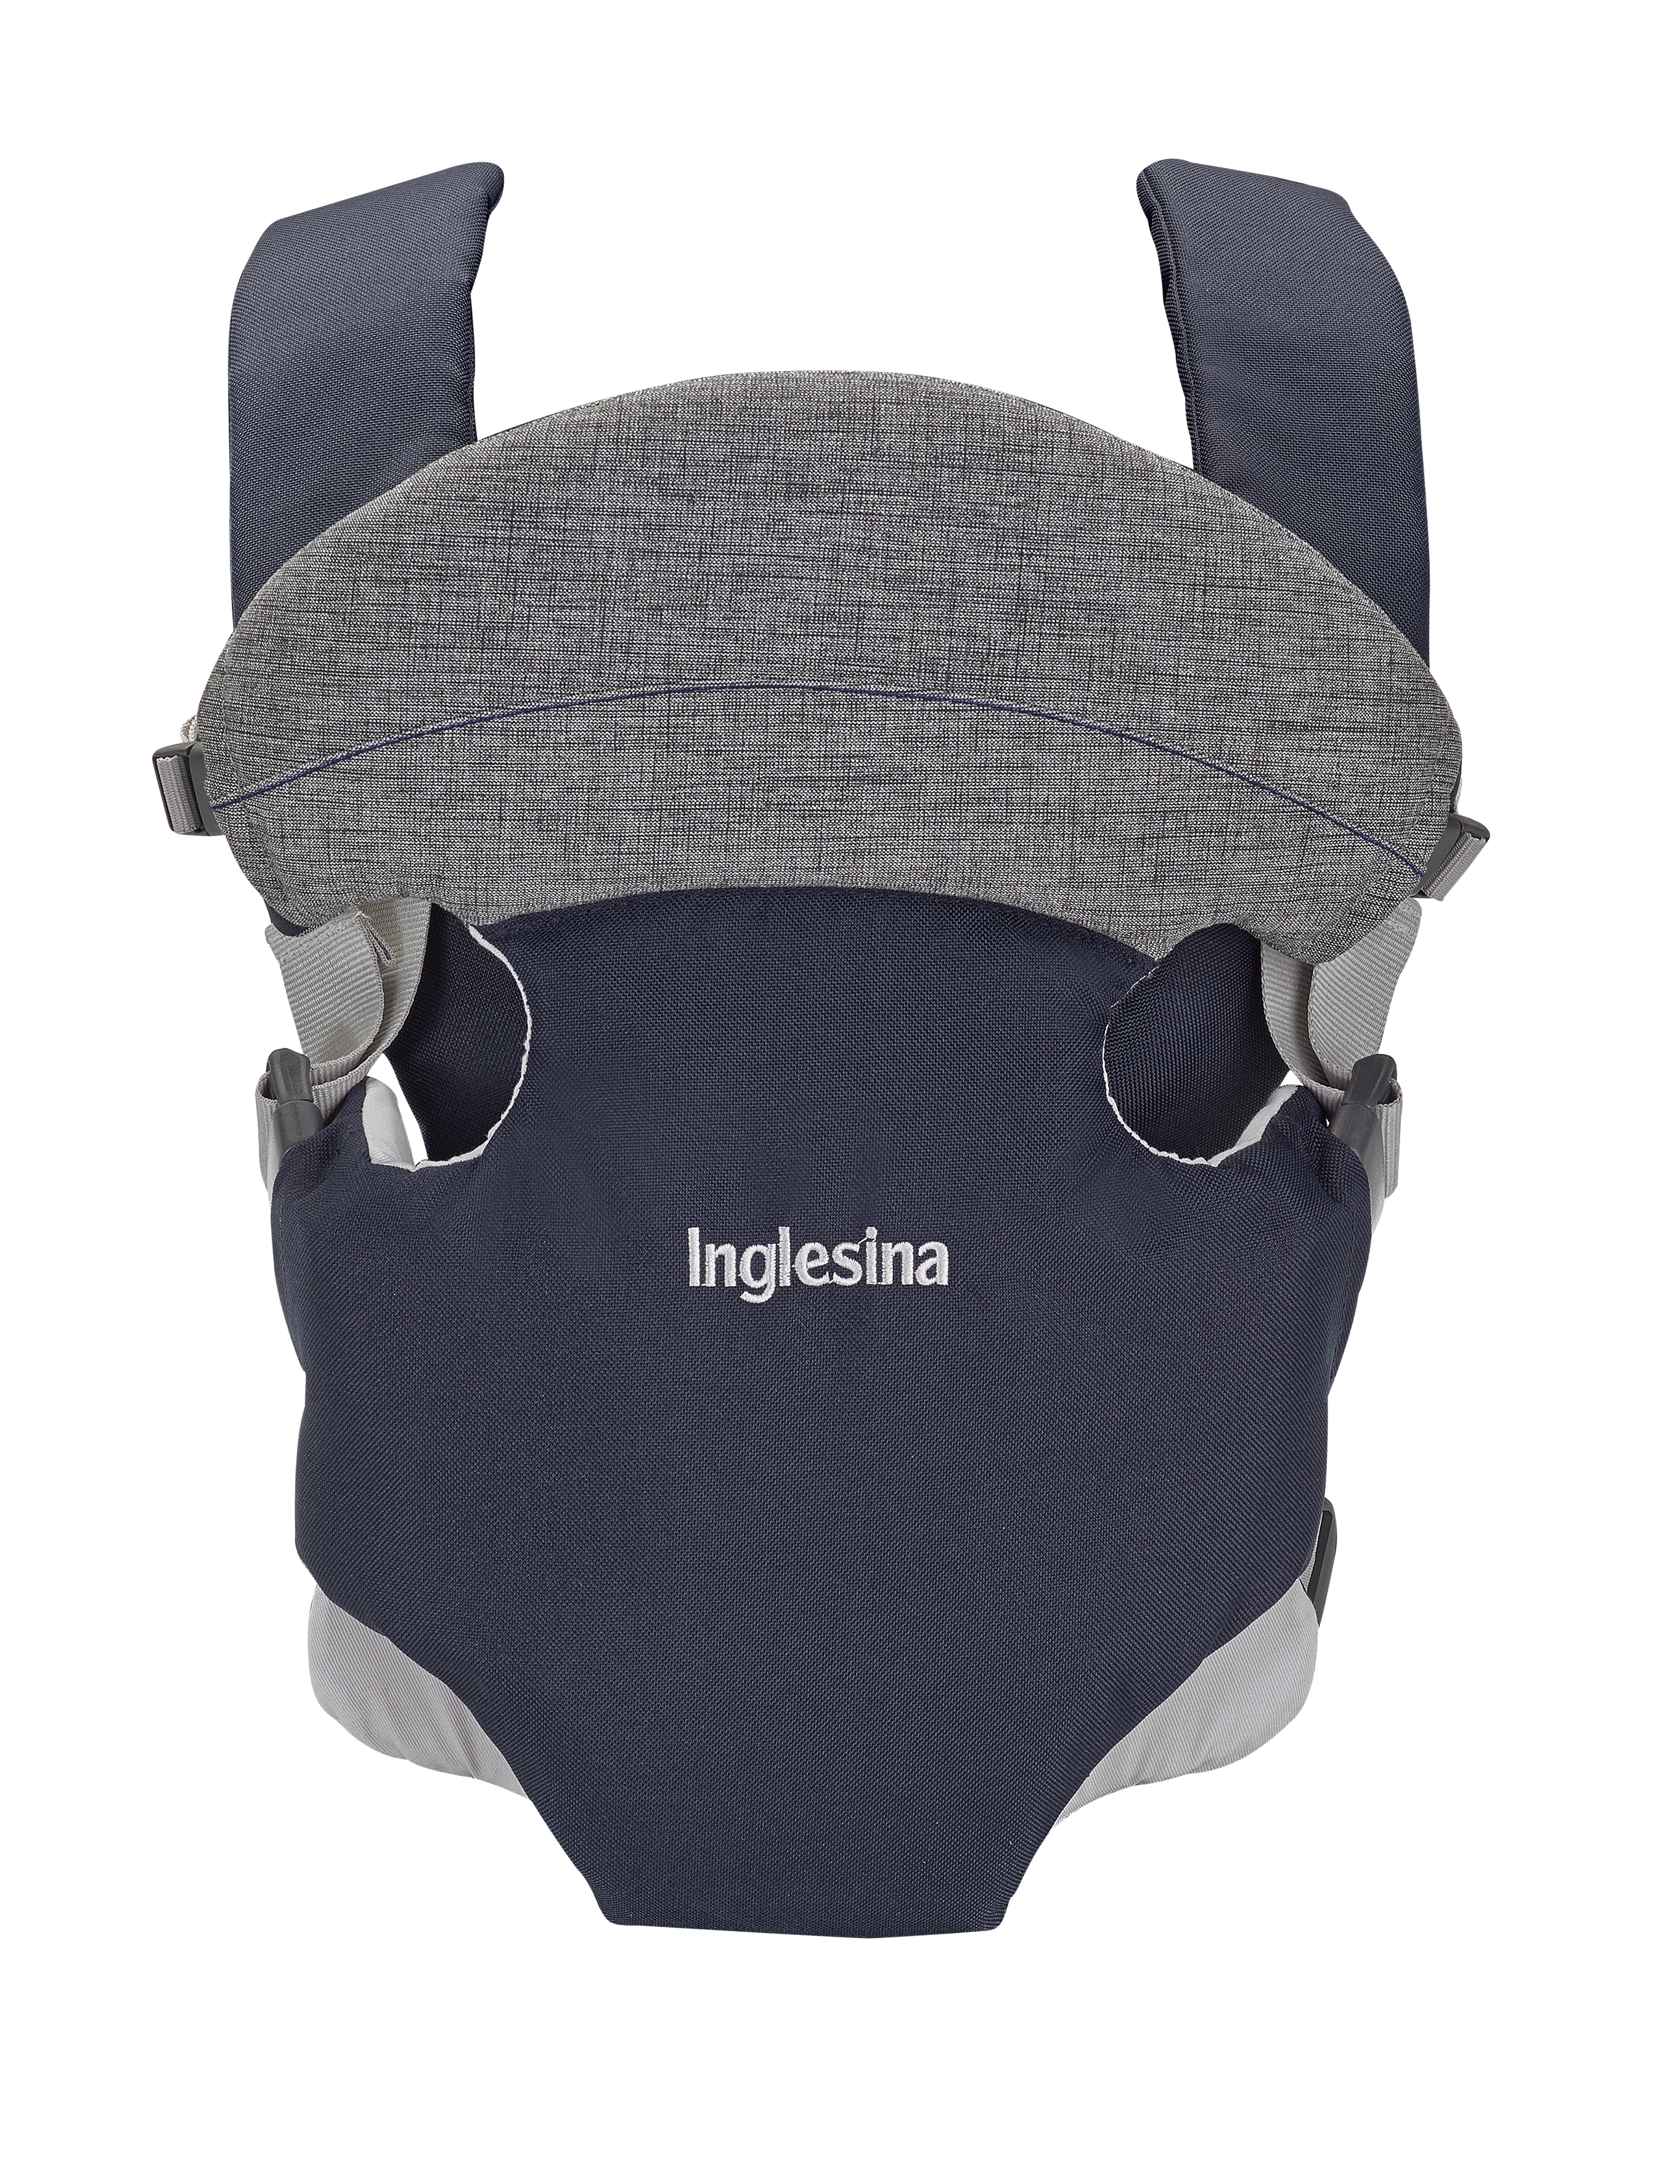 Слинги и рюкзаки Inglesina Front аксессуар система плечевых ремней eger 1963275 с защитой бедра